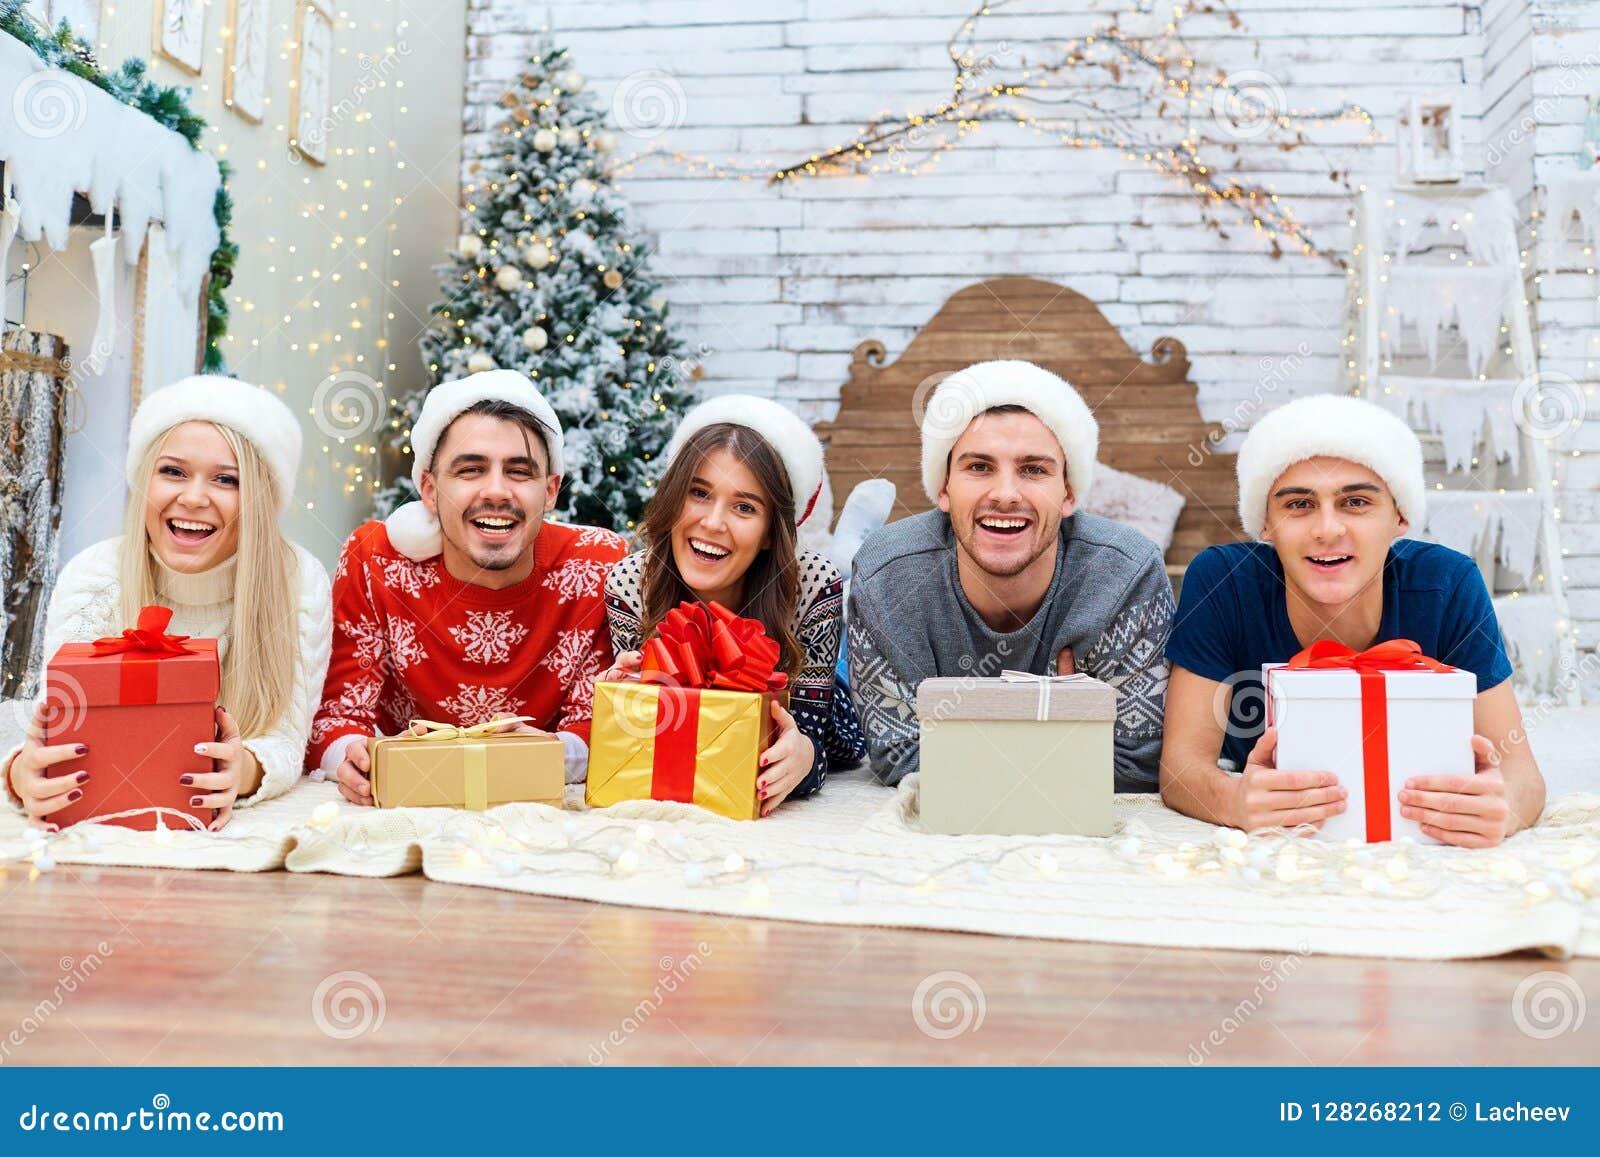 Regali Di Natale Ad Amici.Un Gruppo Di Amici Con I Regali Ad Una Festa Di Natale